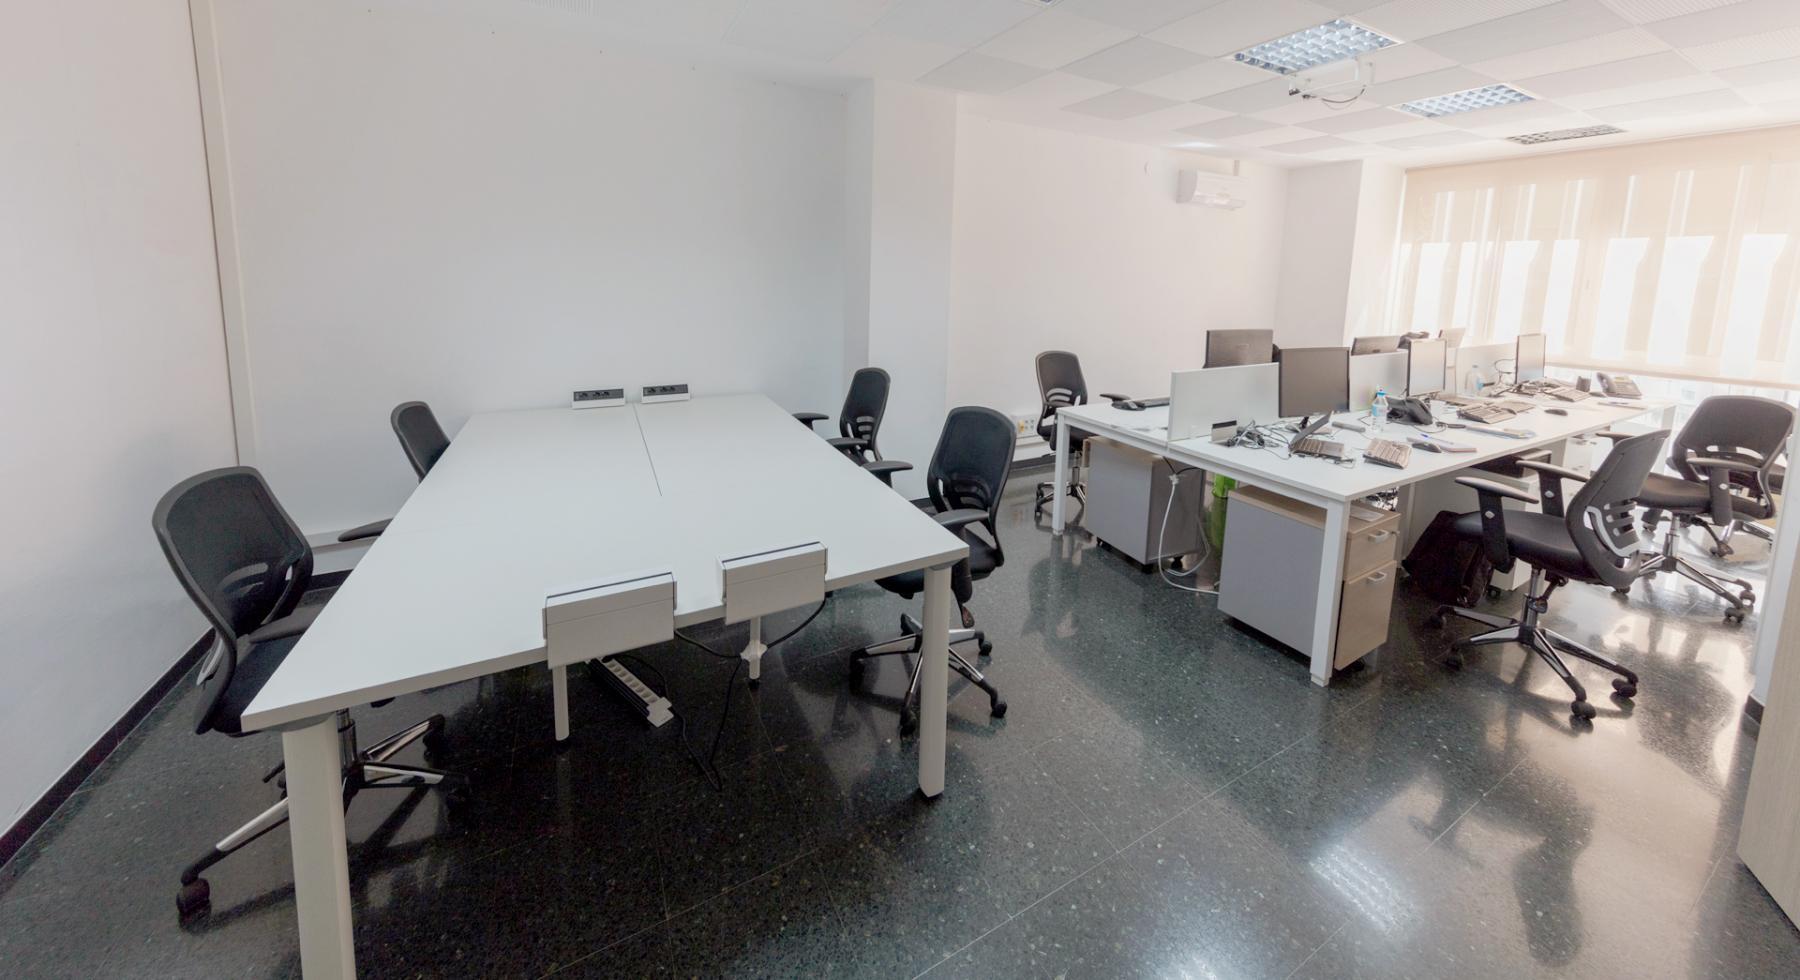 Alquilar oficinas Carrer de Provença 385, Barcelona (5)